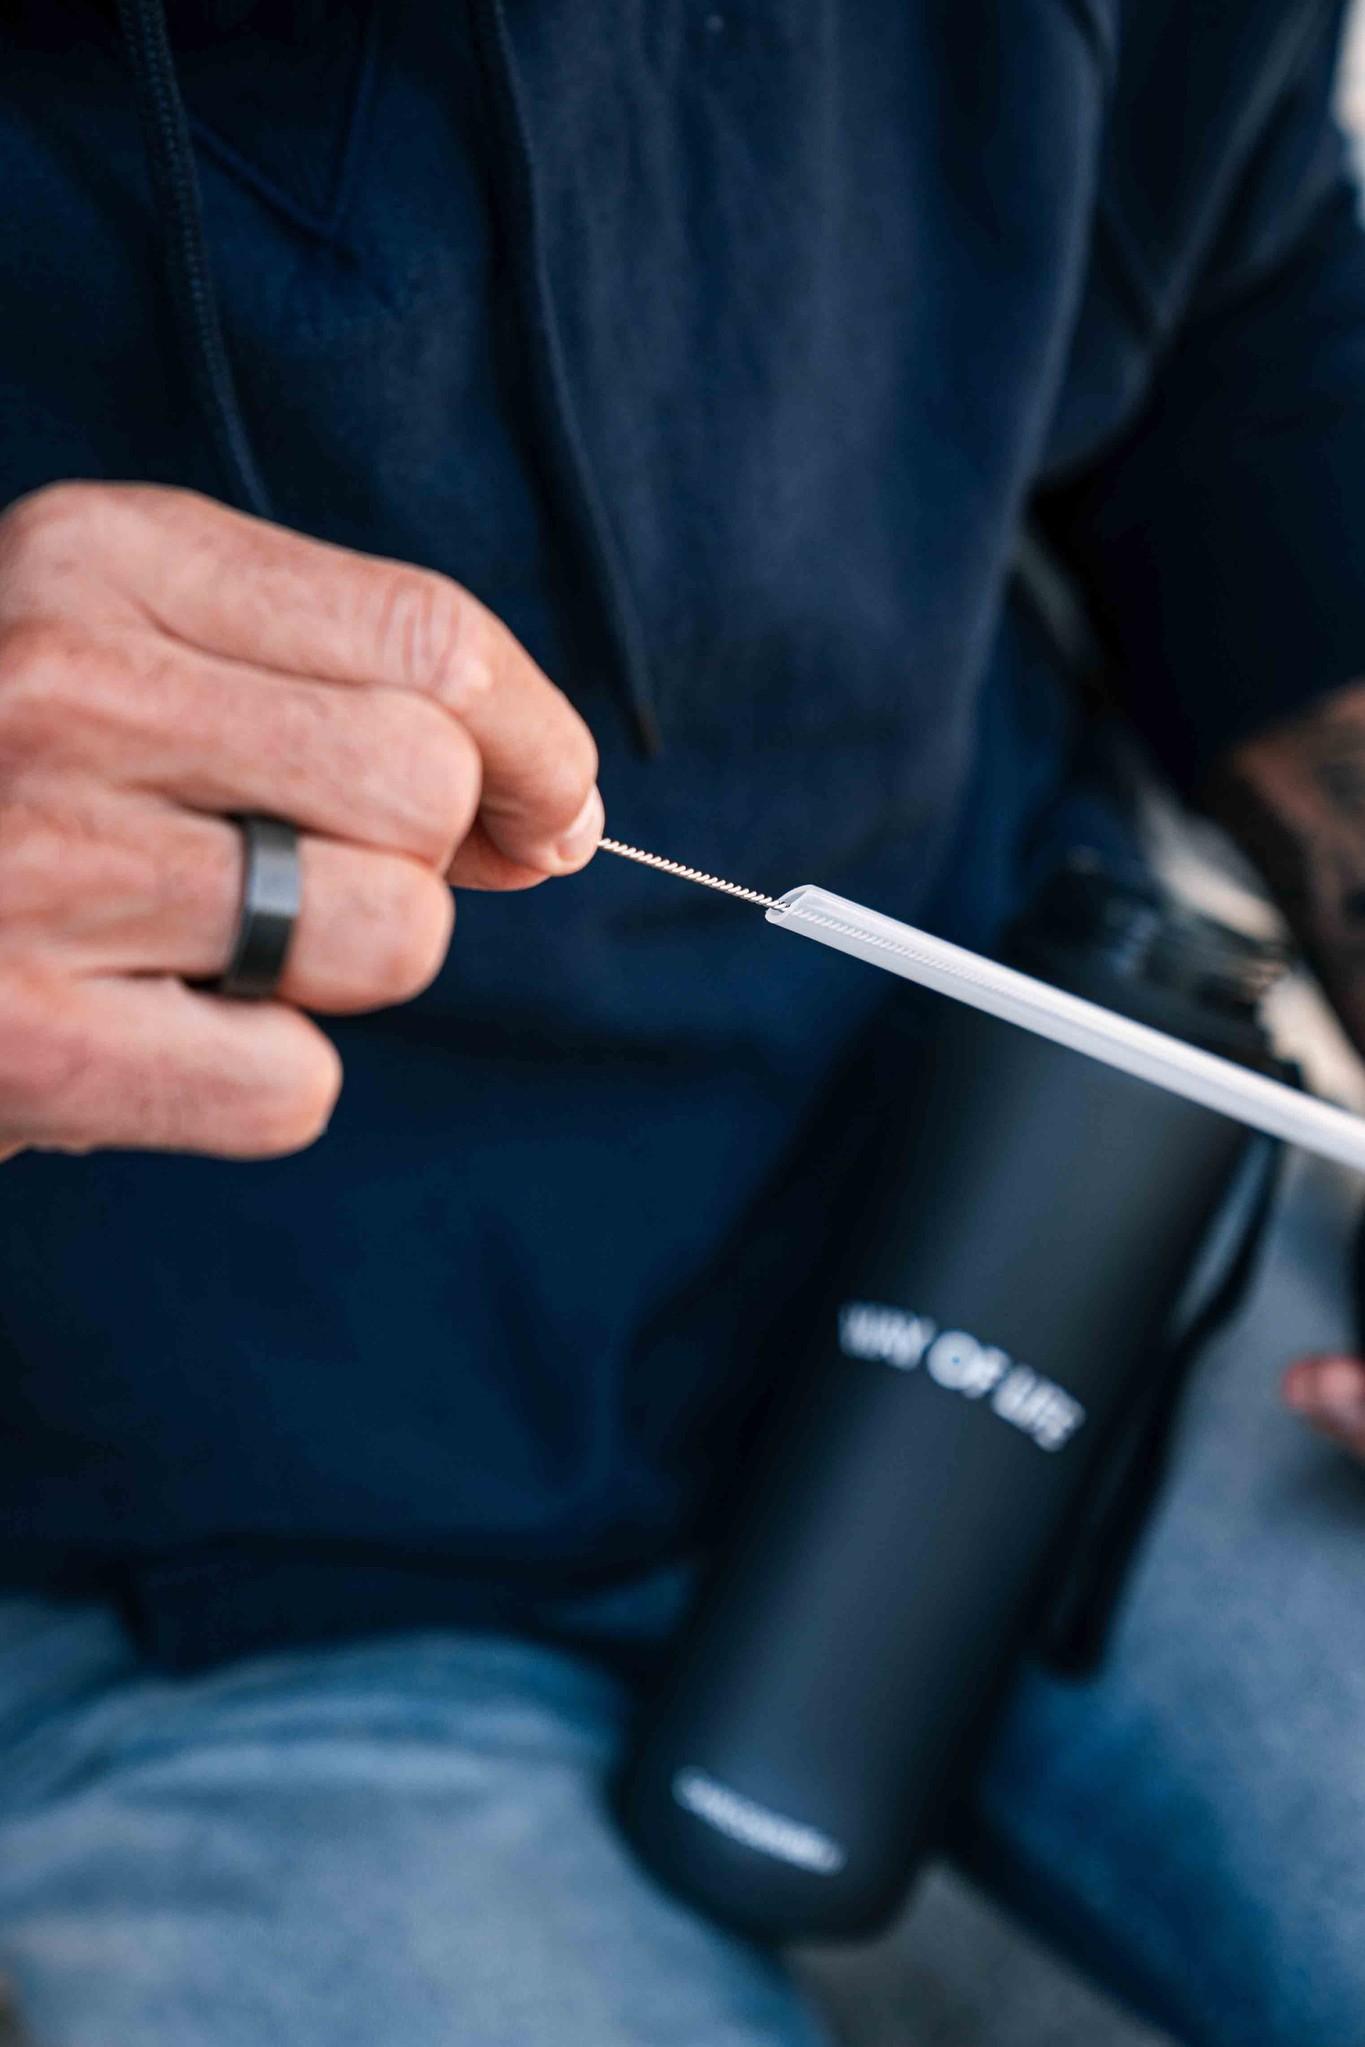 Straw cleaner brush